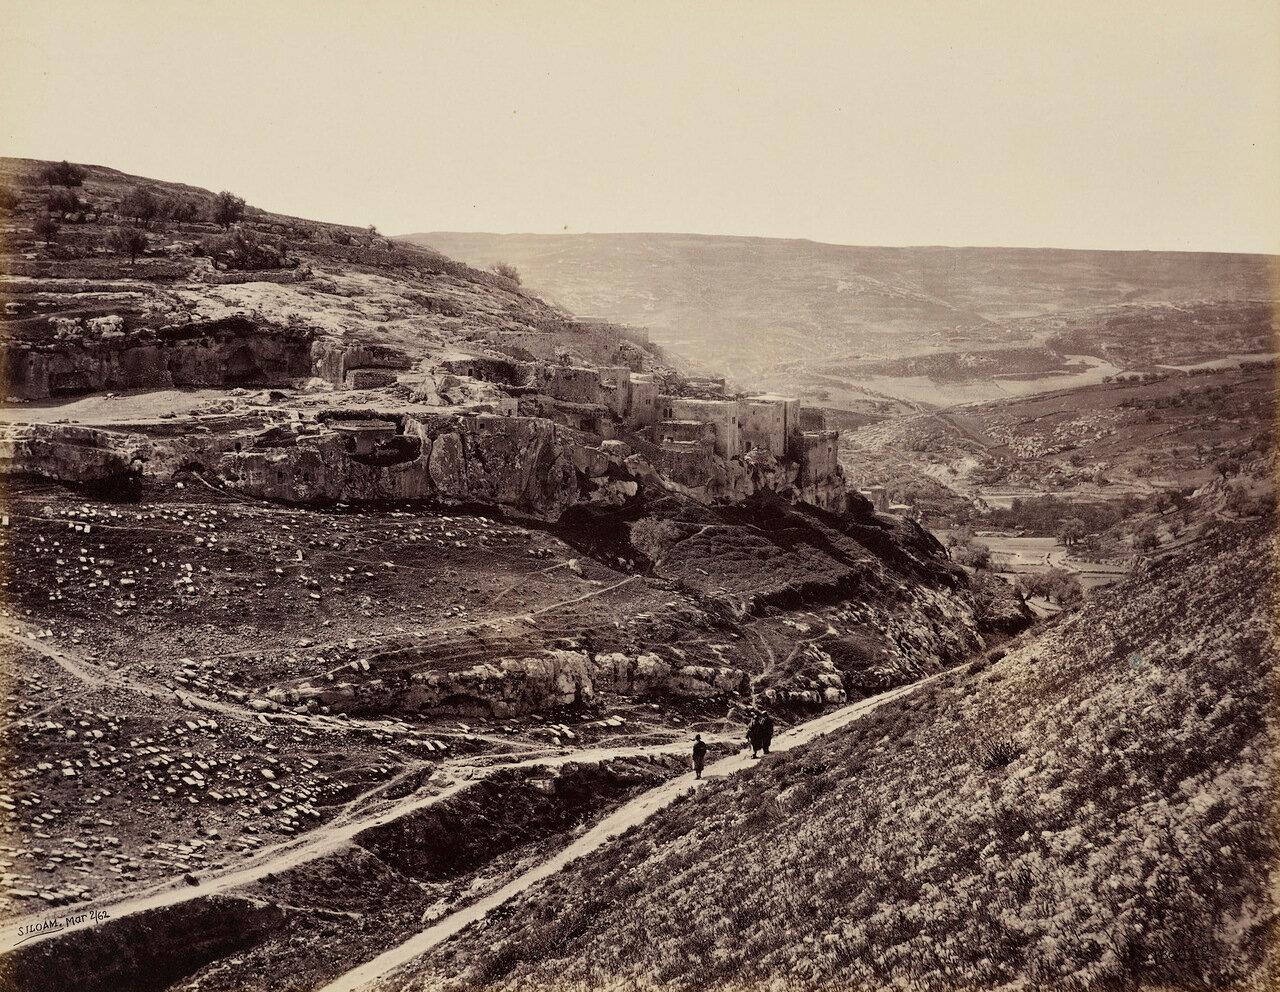 2 апреля 1862. Деревня Силоам, Иерусалим